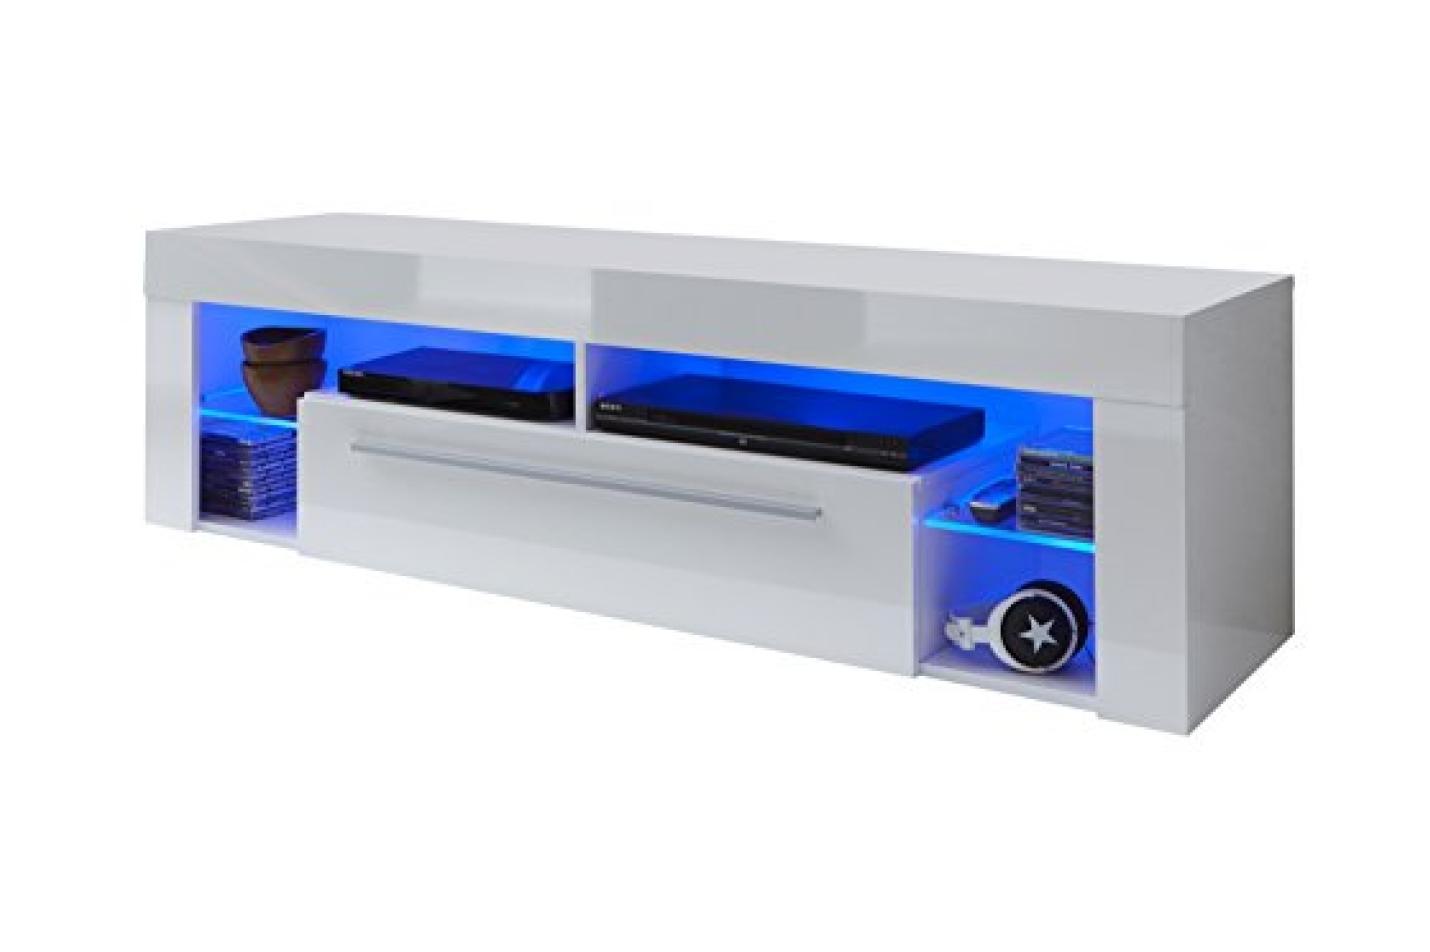 erstaunlich tv lowboard ikea bilder erindzain. Black Bedroom Furniture Sets. Home Design Ideas